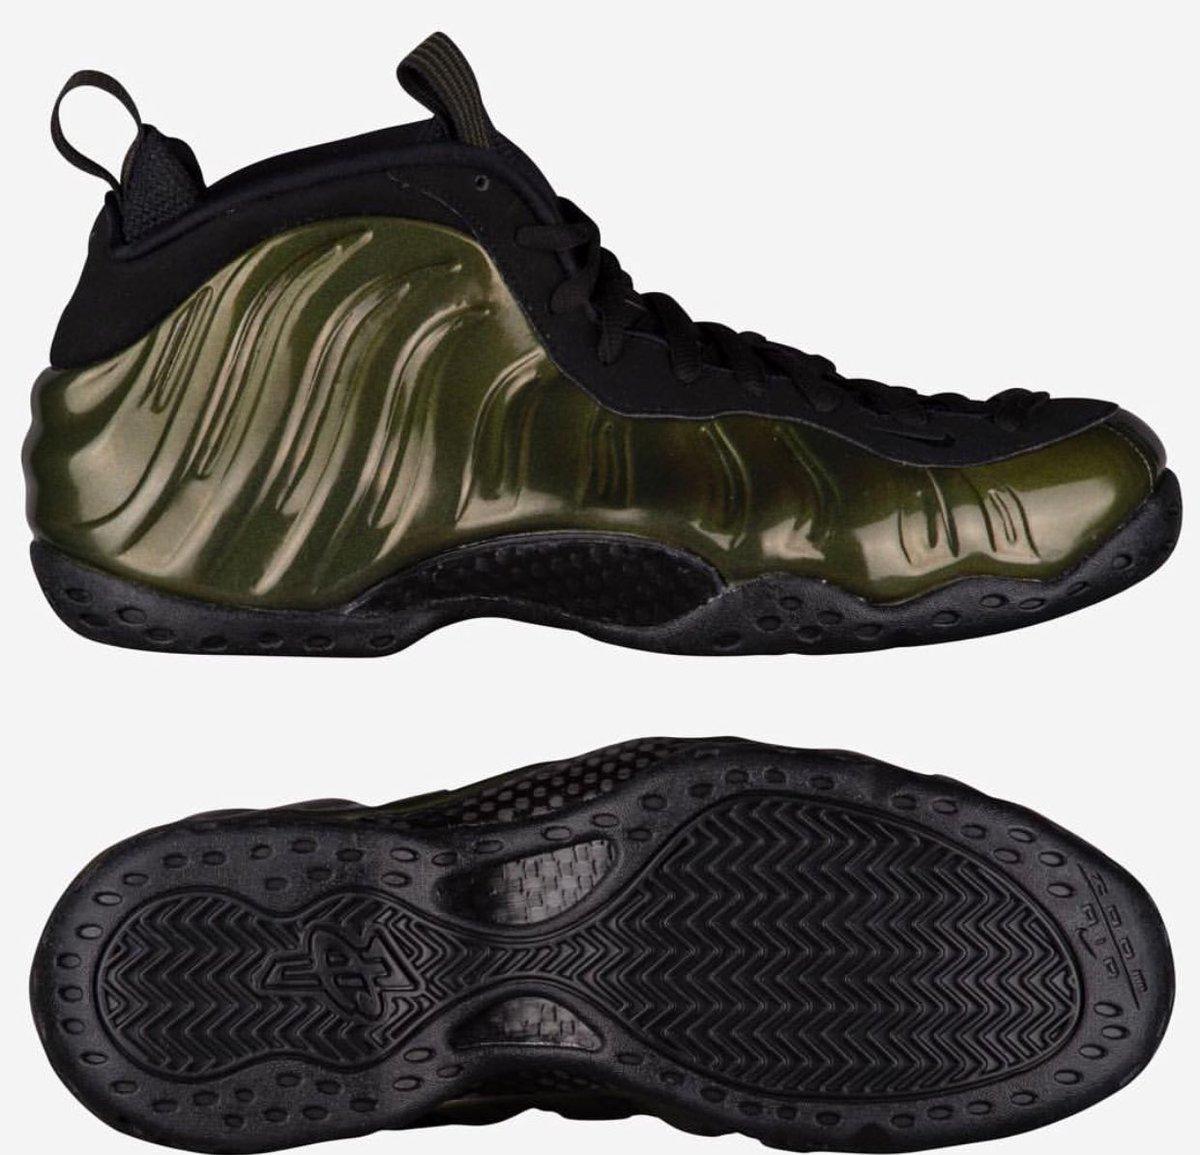 sports shoes 06c4a a0b67 Og Shoes LLC on Twitter: